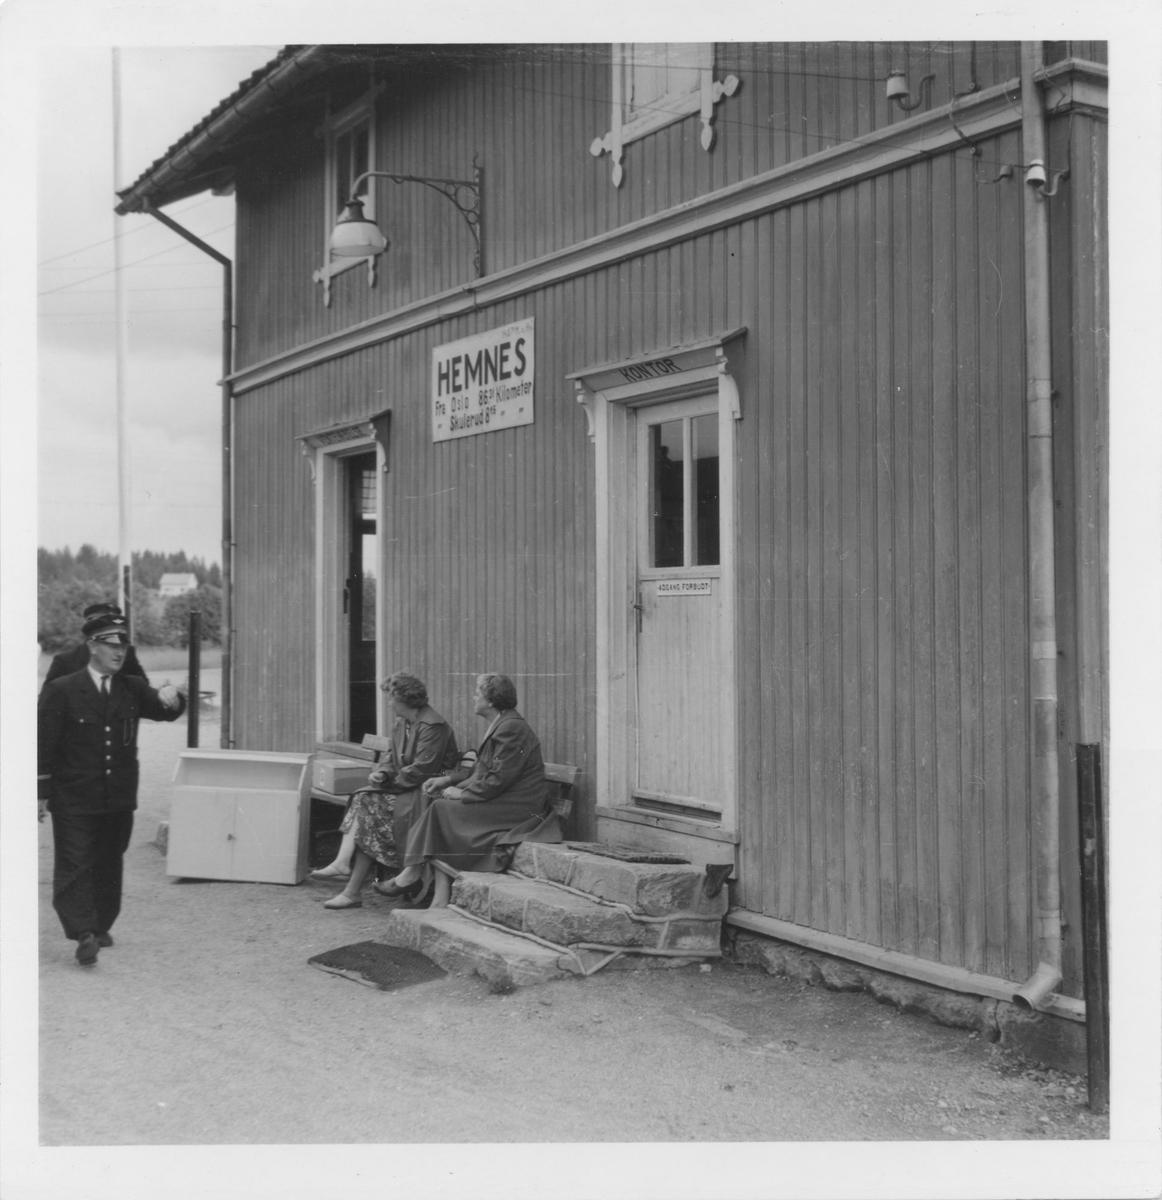 Overkonduktør Rolf Ødegård på Hemnes stasjon.